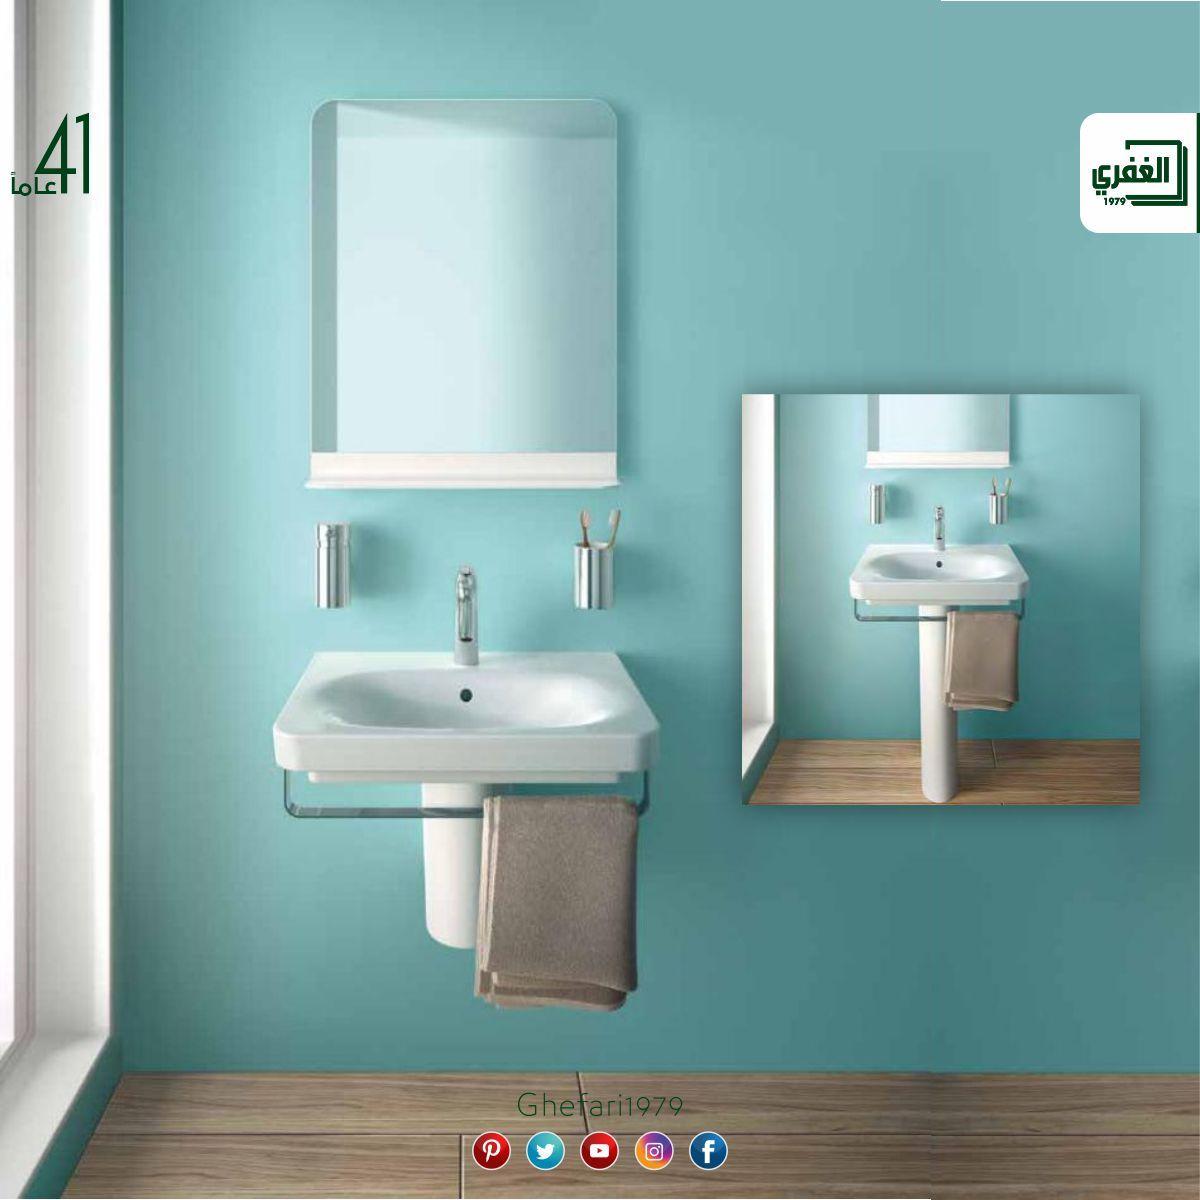 شركة Vitra Turkiye مغسلة بعدة مقاسات 60 سم علاق ستانلس ستيل رجل مغسلة معلقة عادي متوفر باللونين الابيض حاصل على اعتماد Decor Home Decor Sink